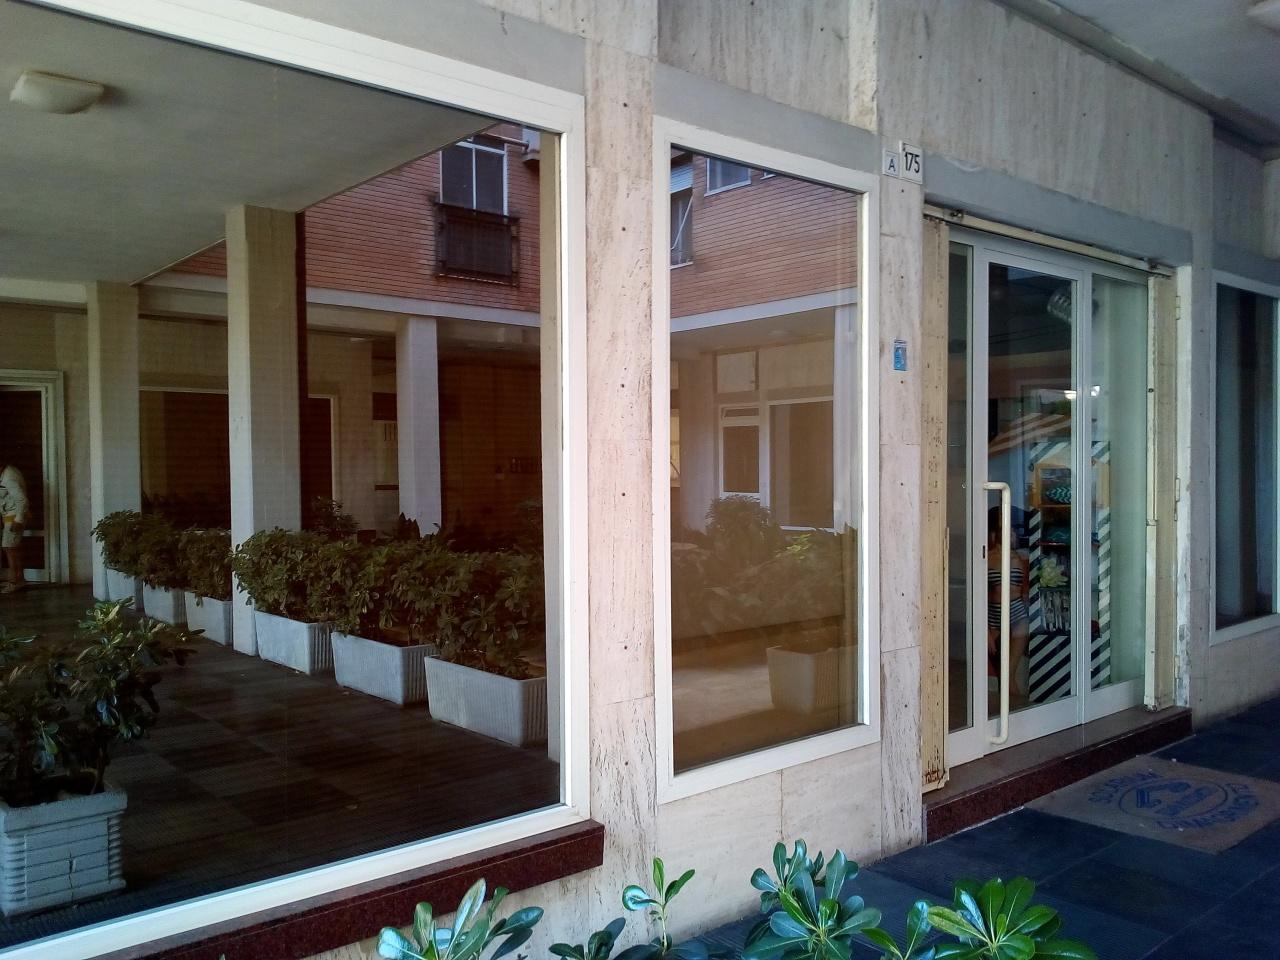 Locale commerciale - Oltre 3 vetrine a Marradi, Livorno Rif. 7055200